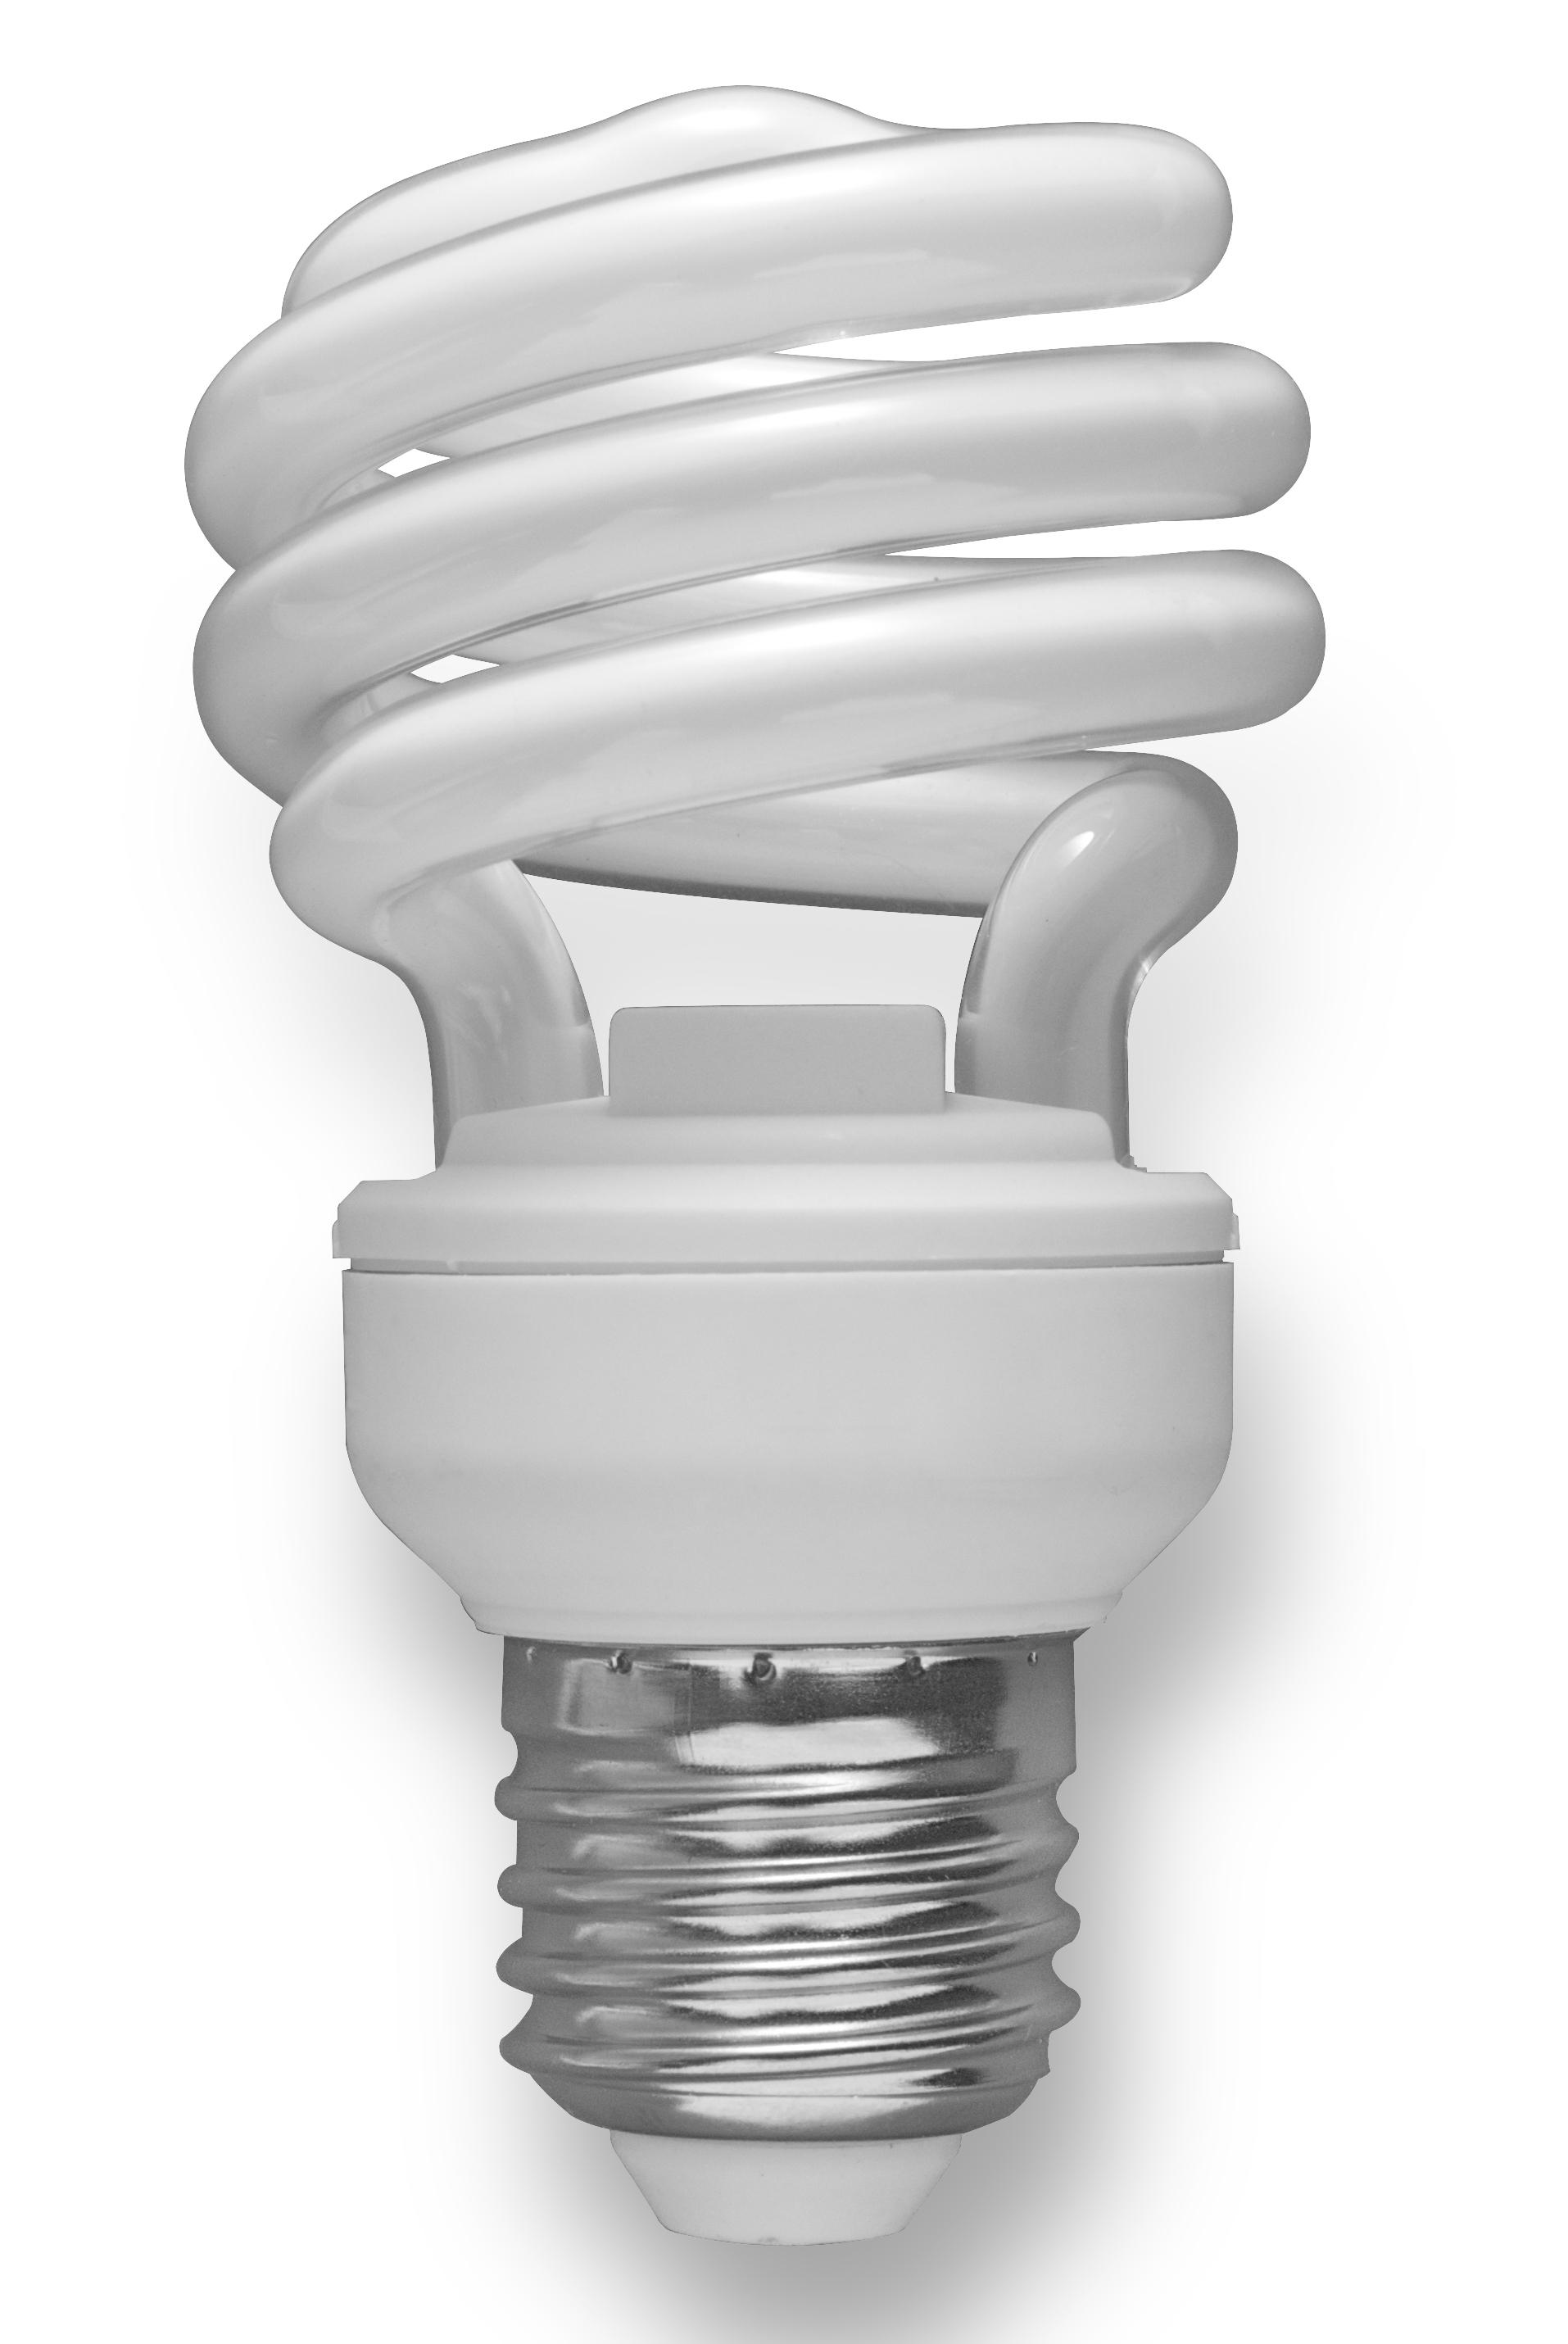 No. 2975 Light Bulb